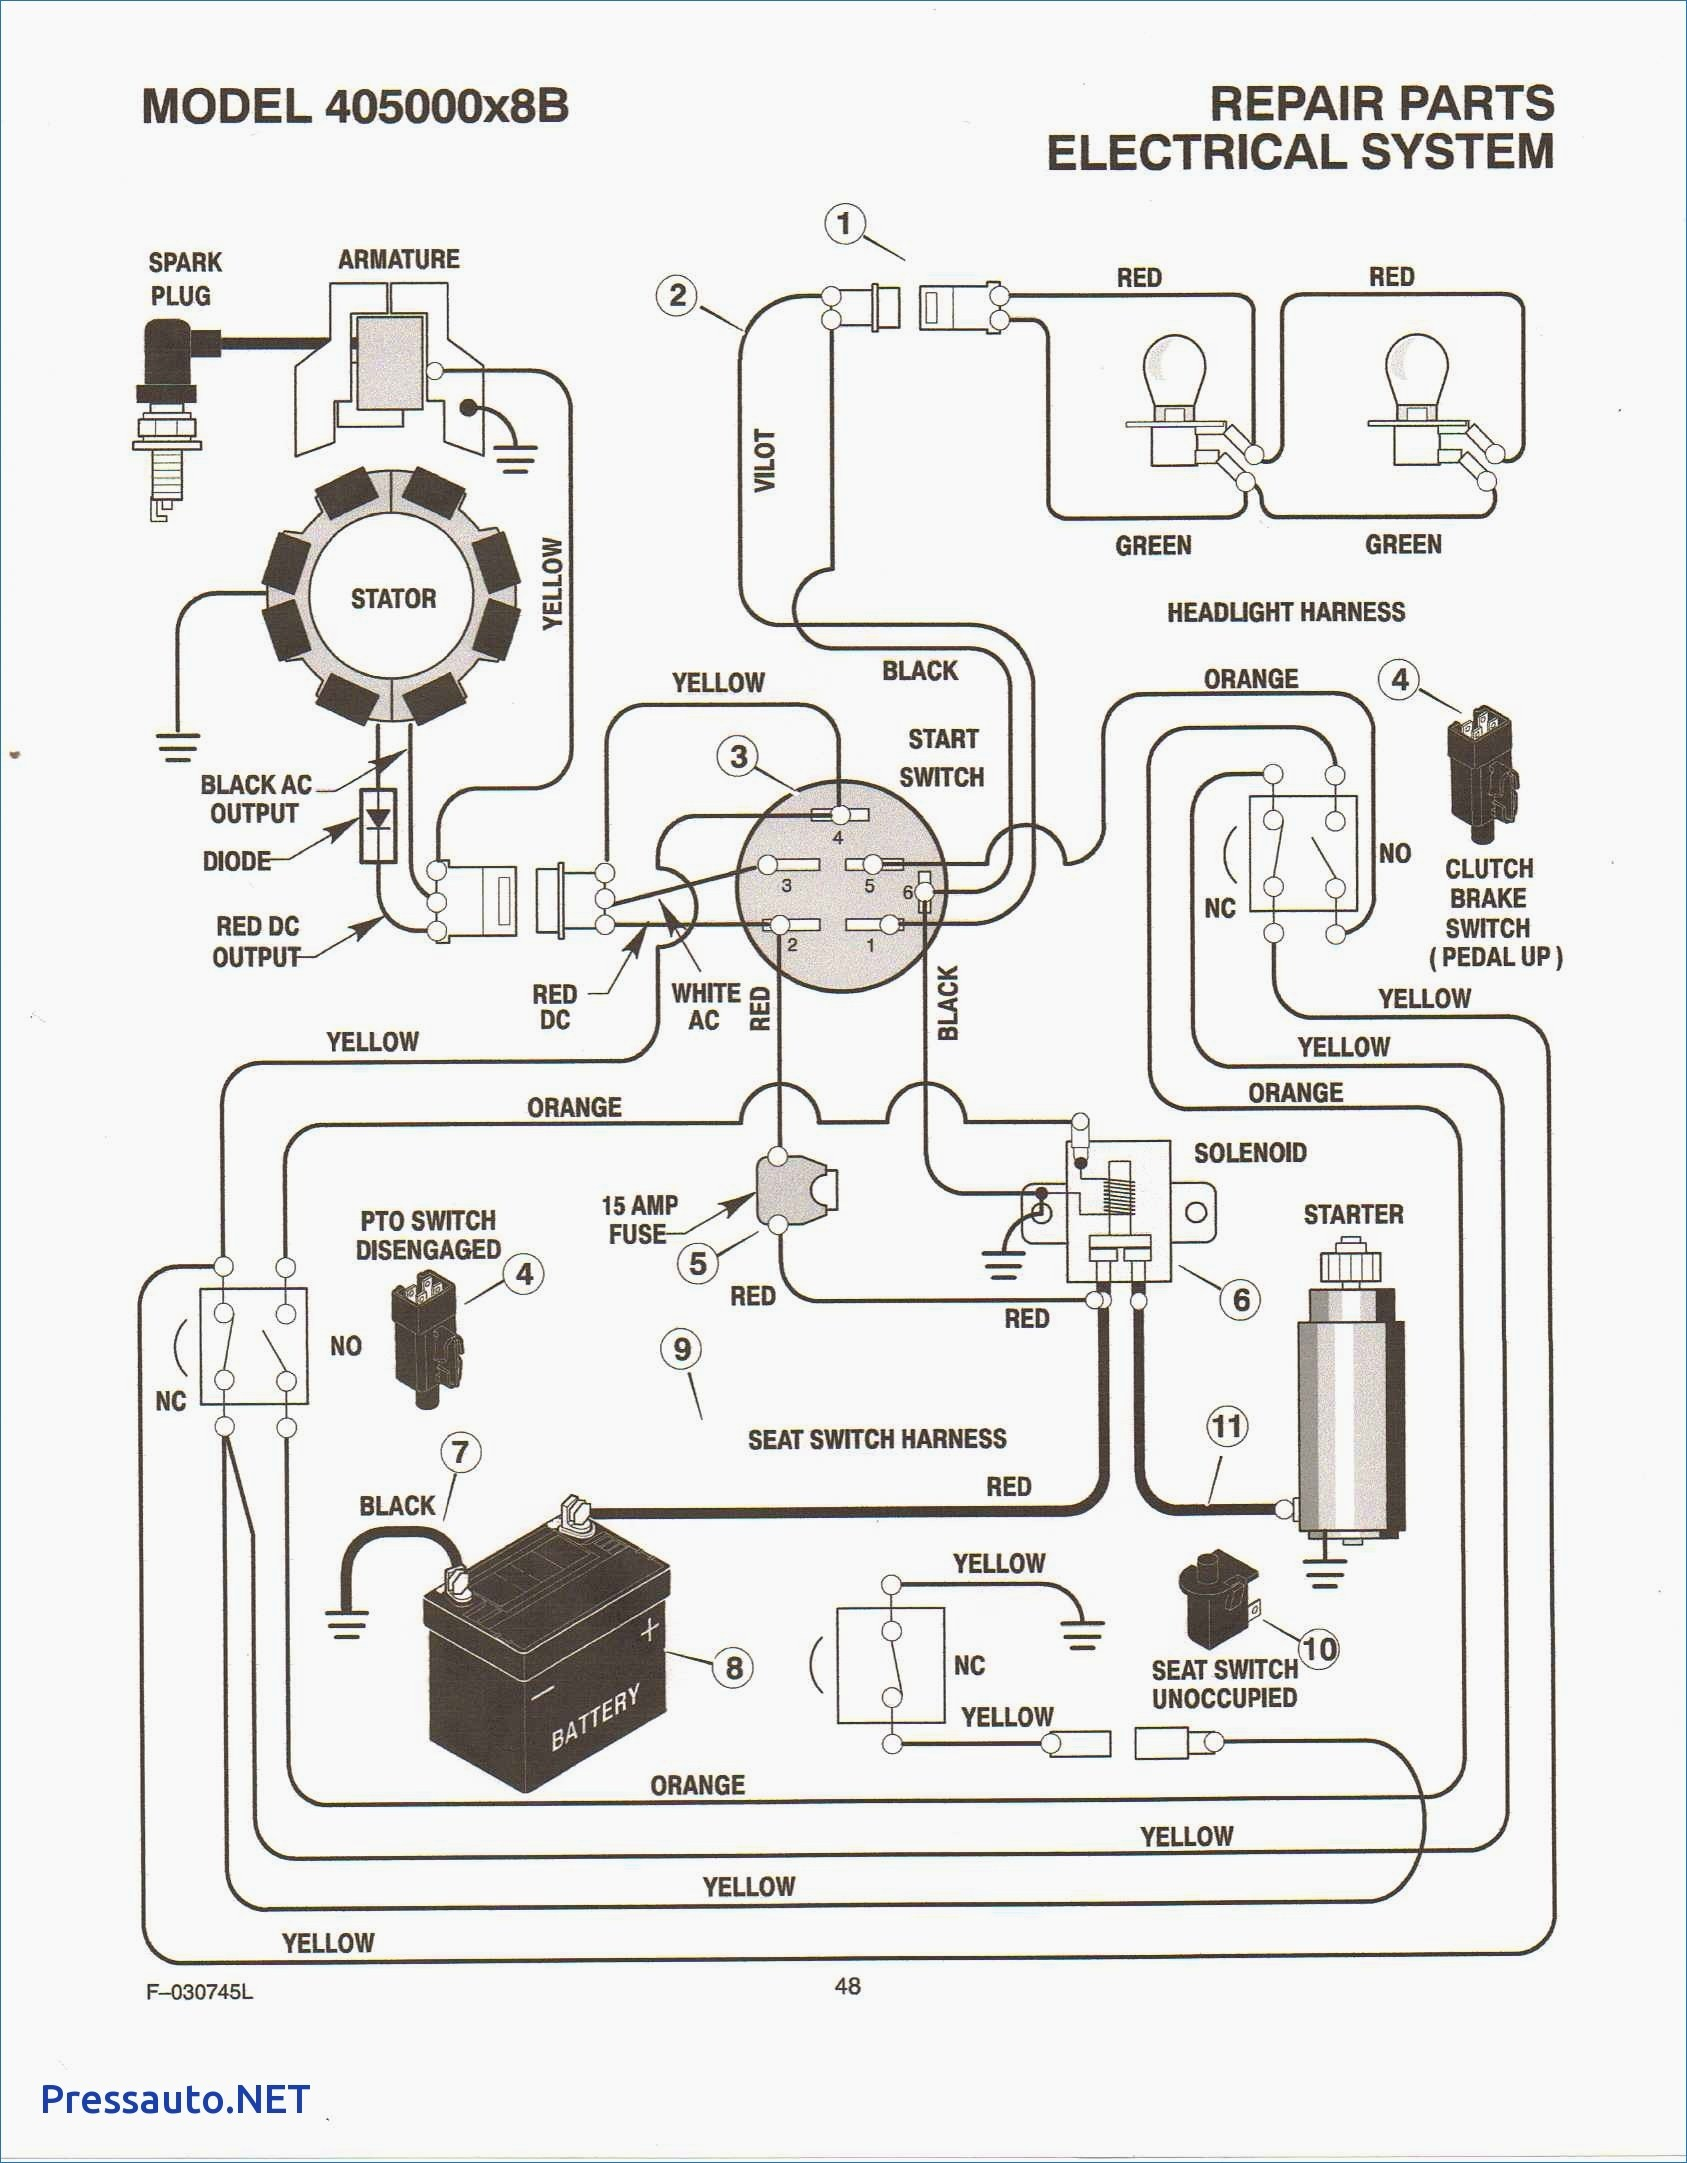 Kohler K341 Wiring Diagram